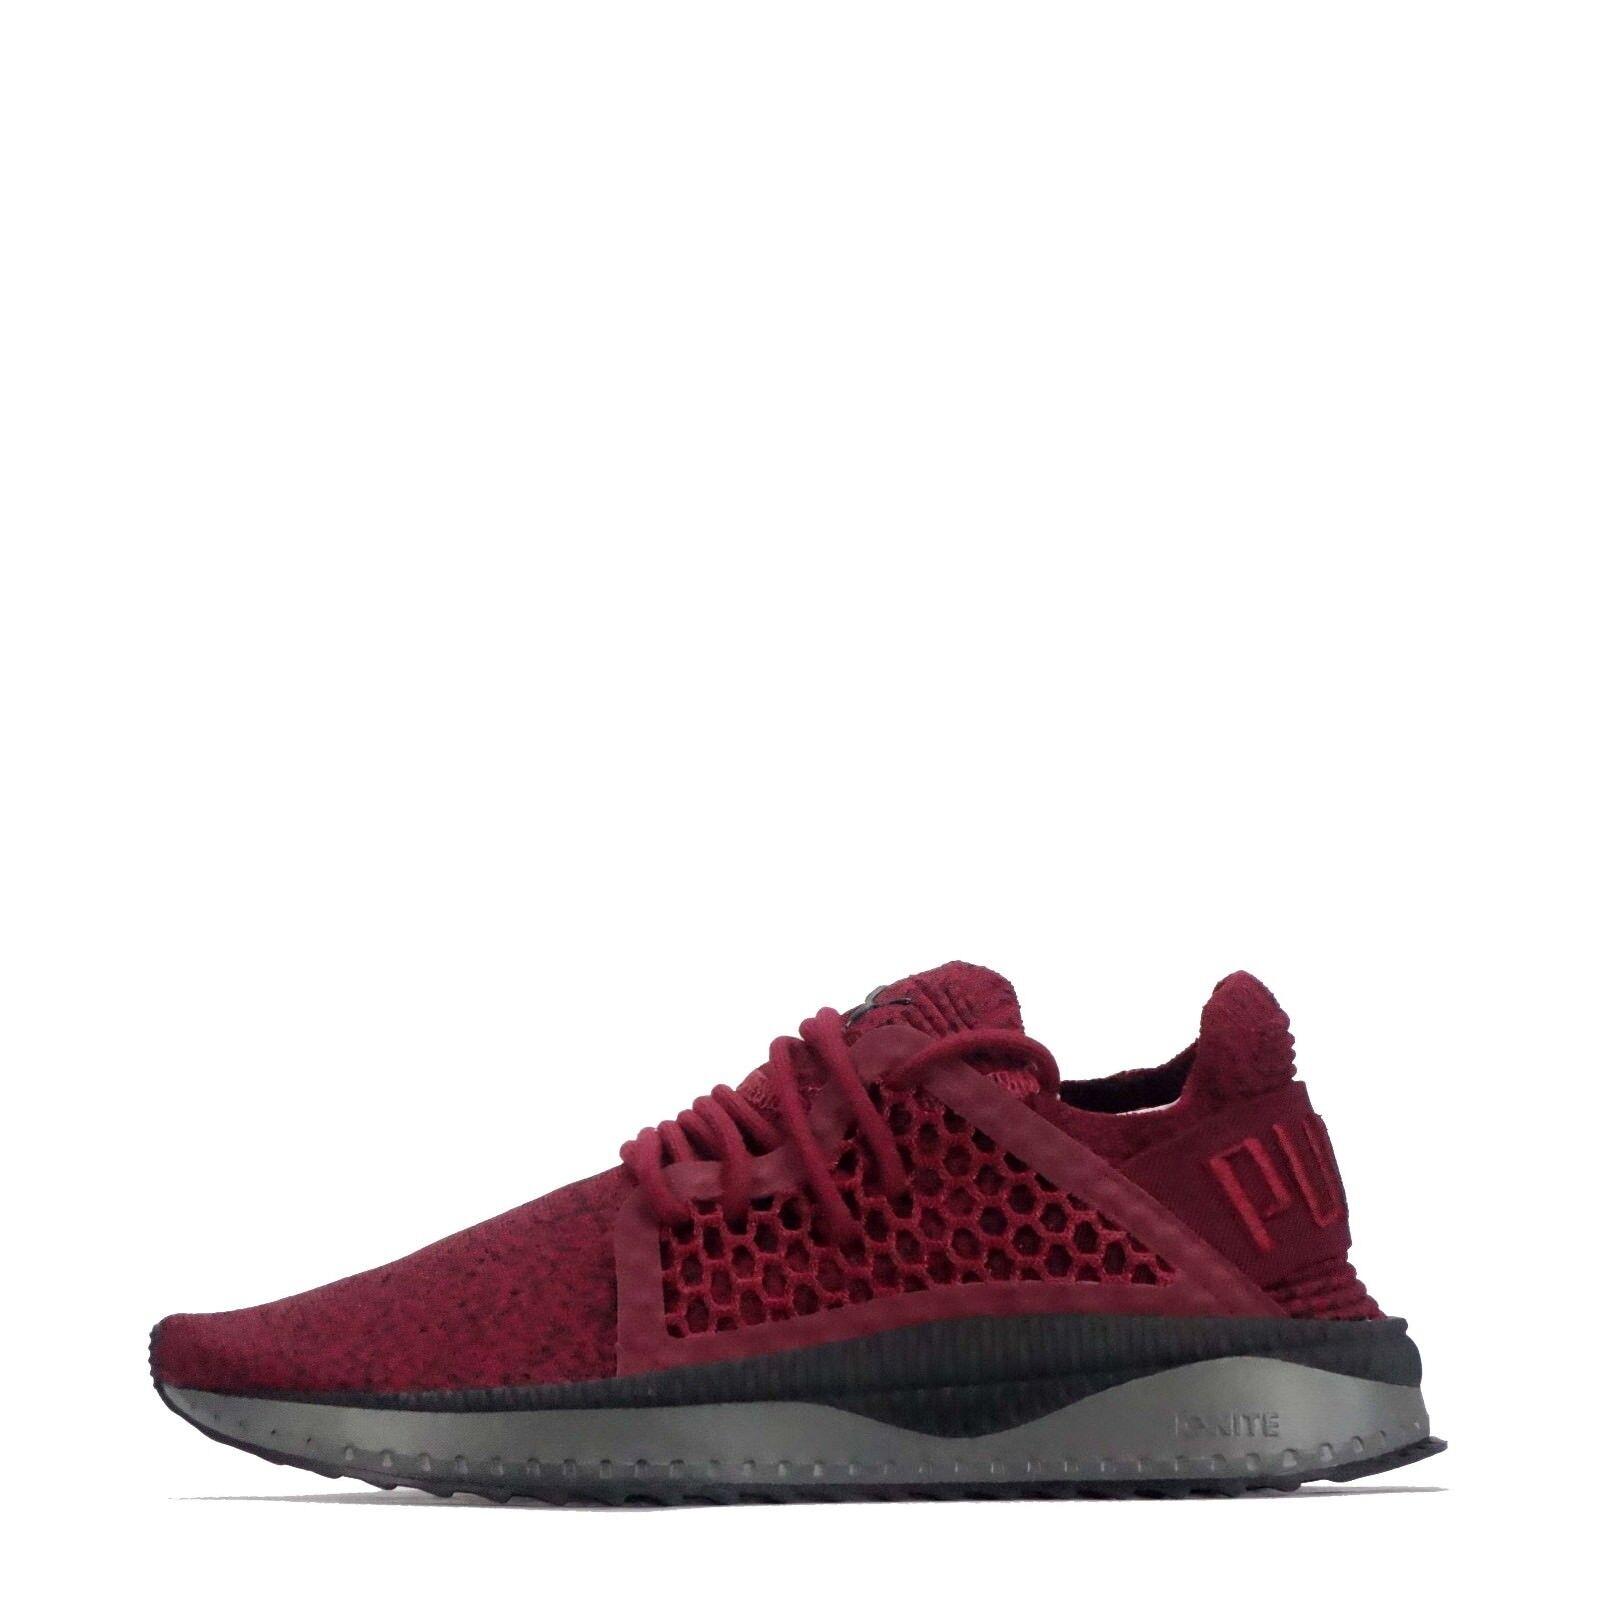 Puma Tsugi Netfit Evoknit Men's Shoes in Red/Black